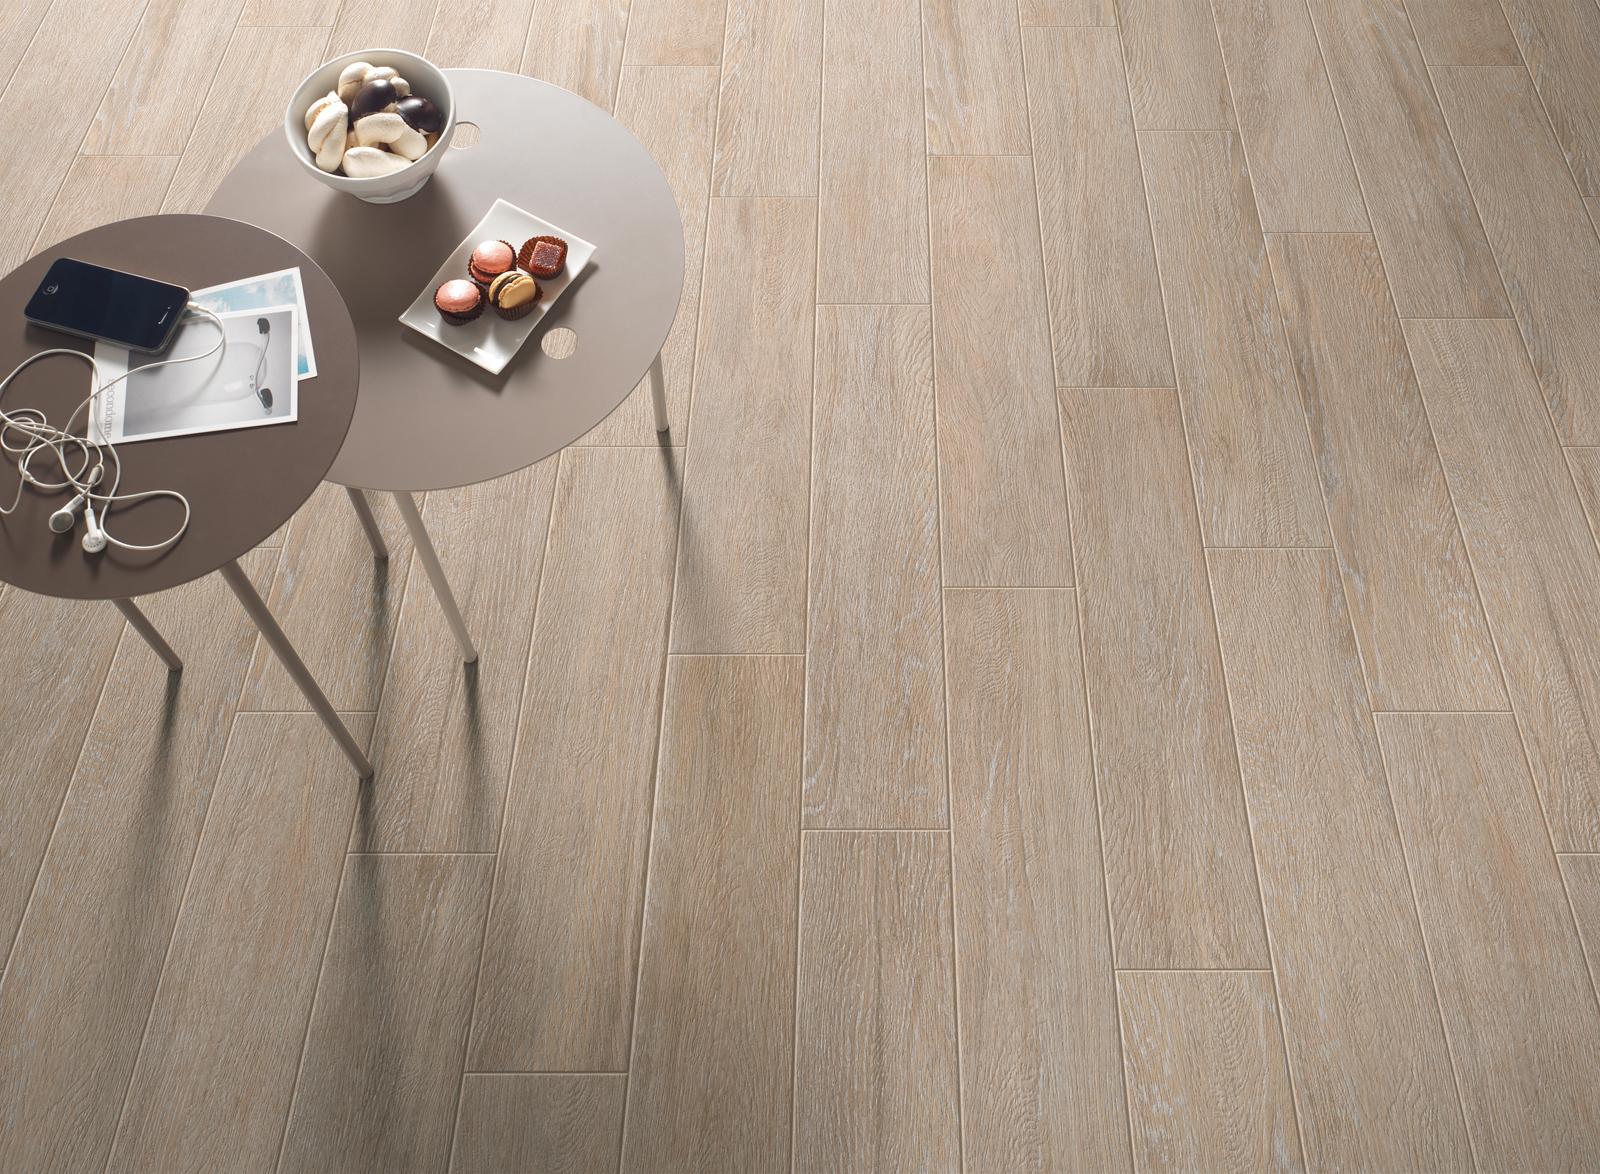 Pavimenti Effetto Legno Tortora : Pavimenti effetto legno color tortora vendita gres porcellanato